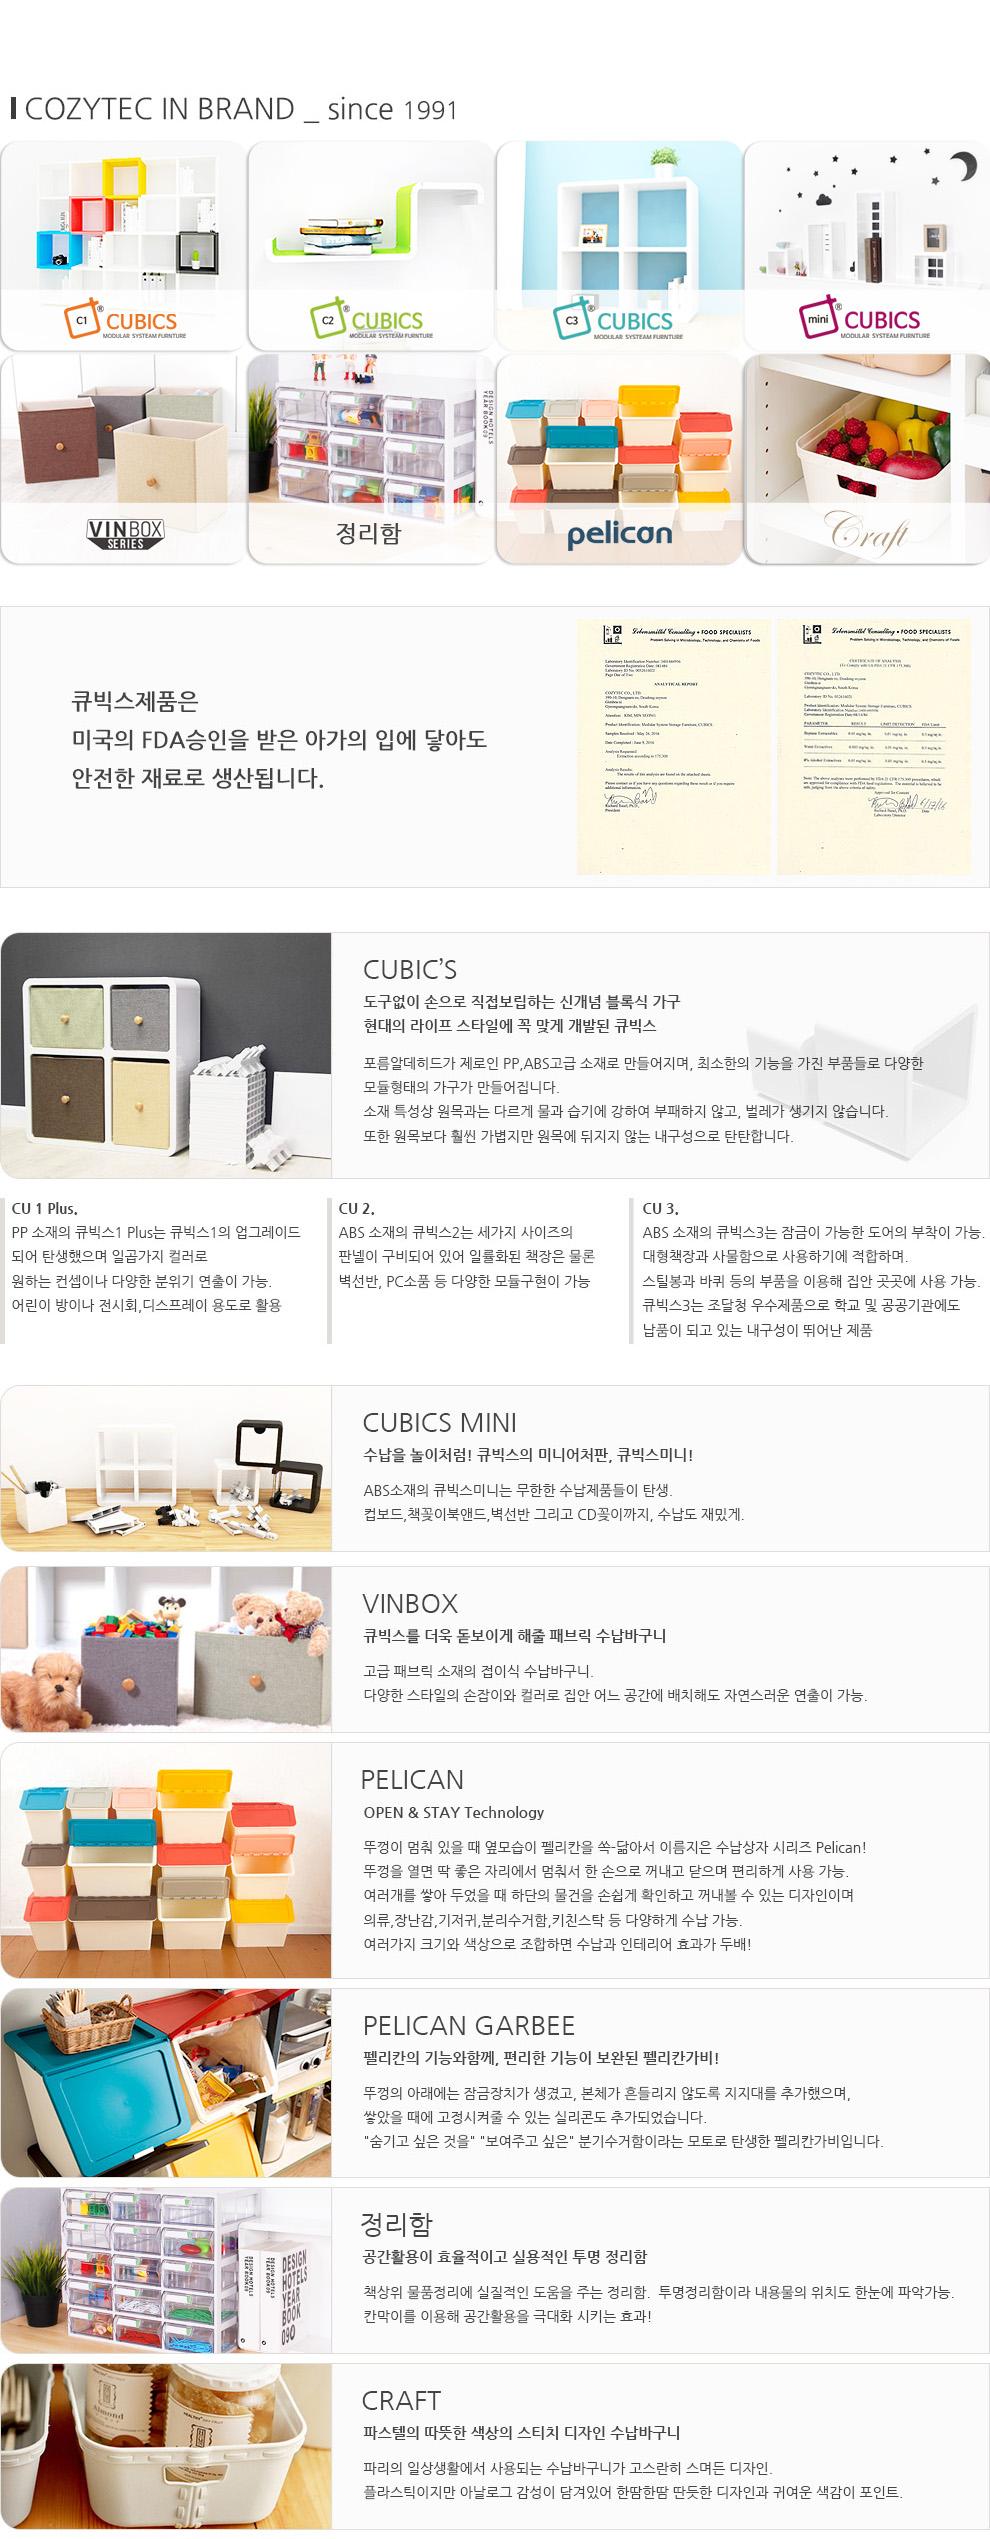 브랜드소개_큐빅스1